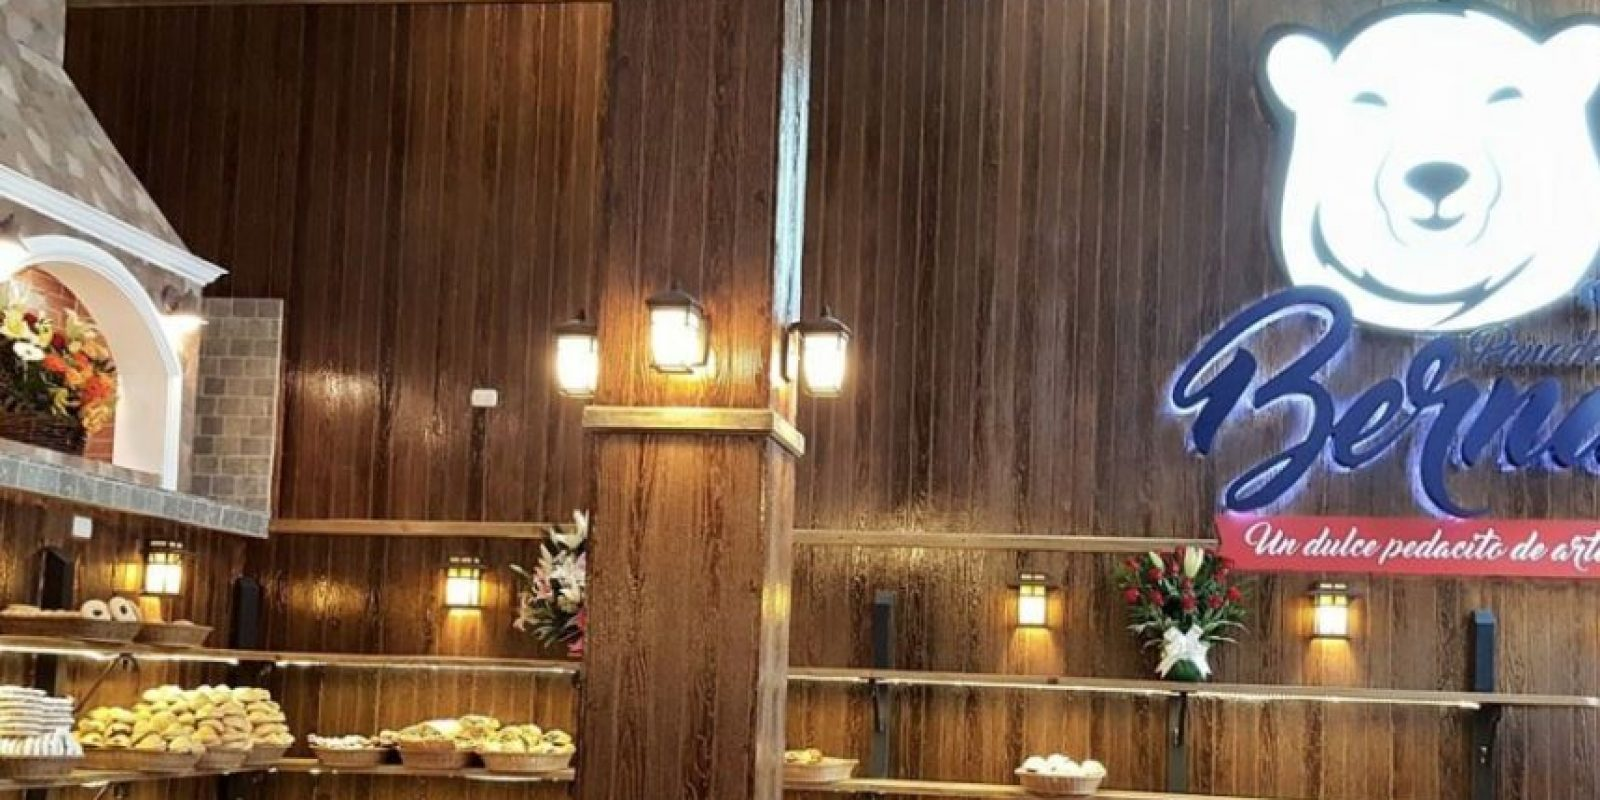 Foto:Facebook Panaderia BERNA